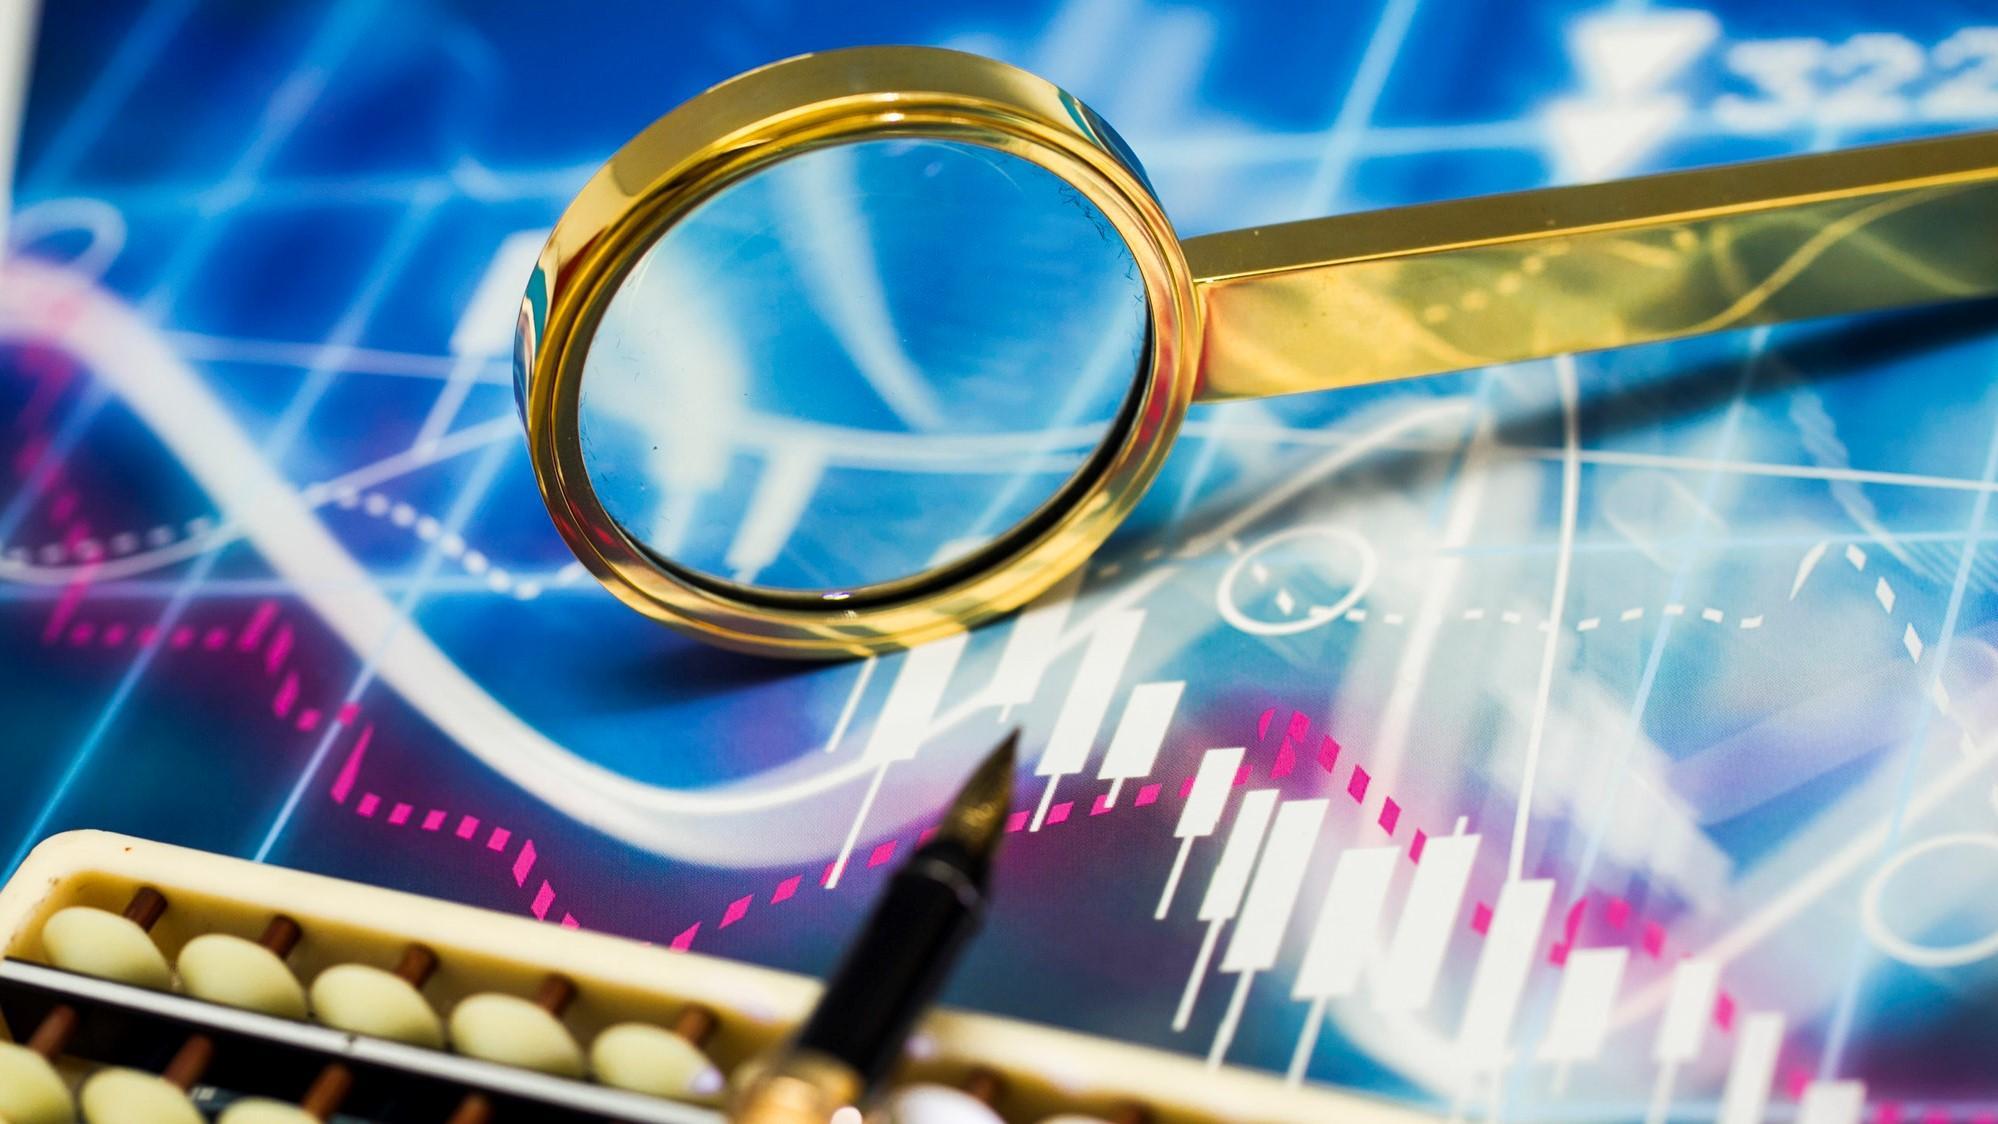 汽车消费刺激政策频现,行业投资机会真的来了吗?